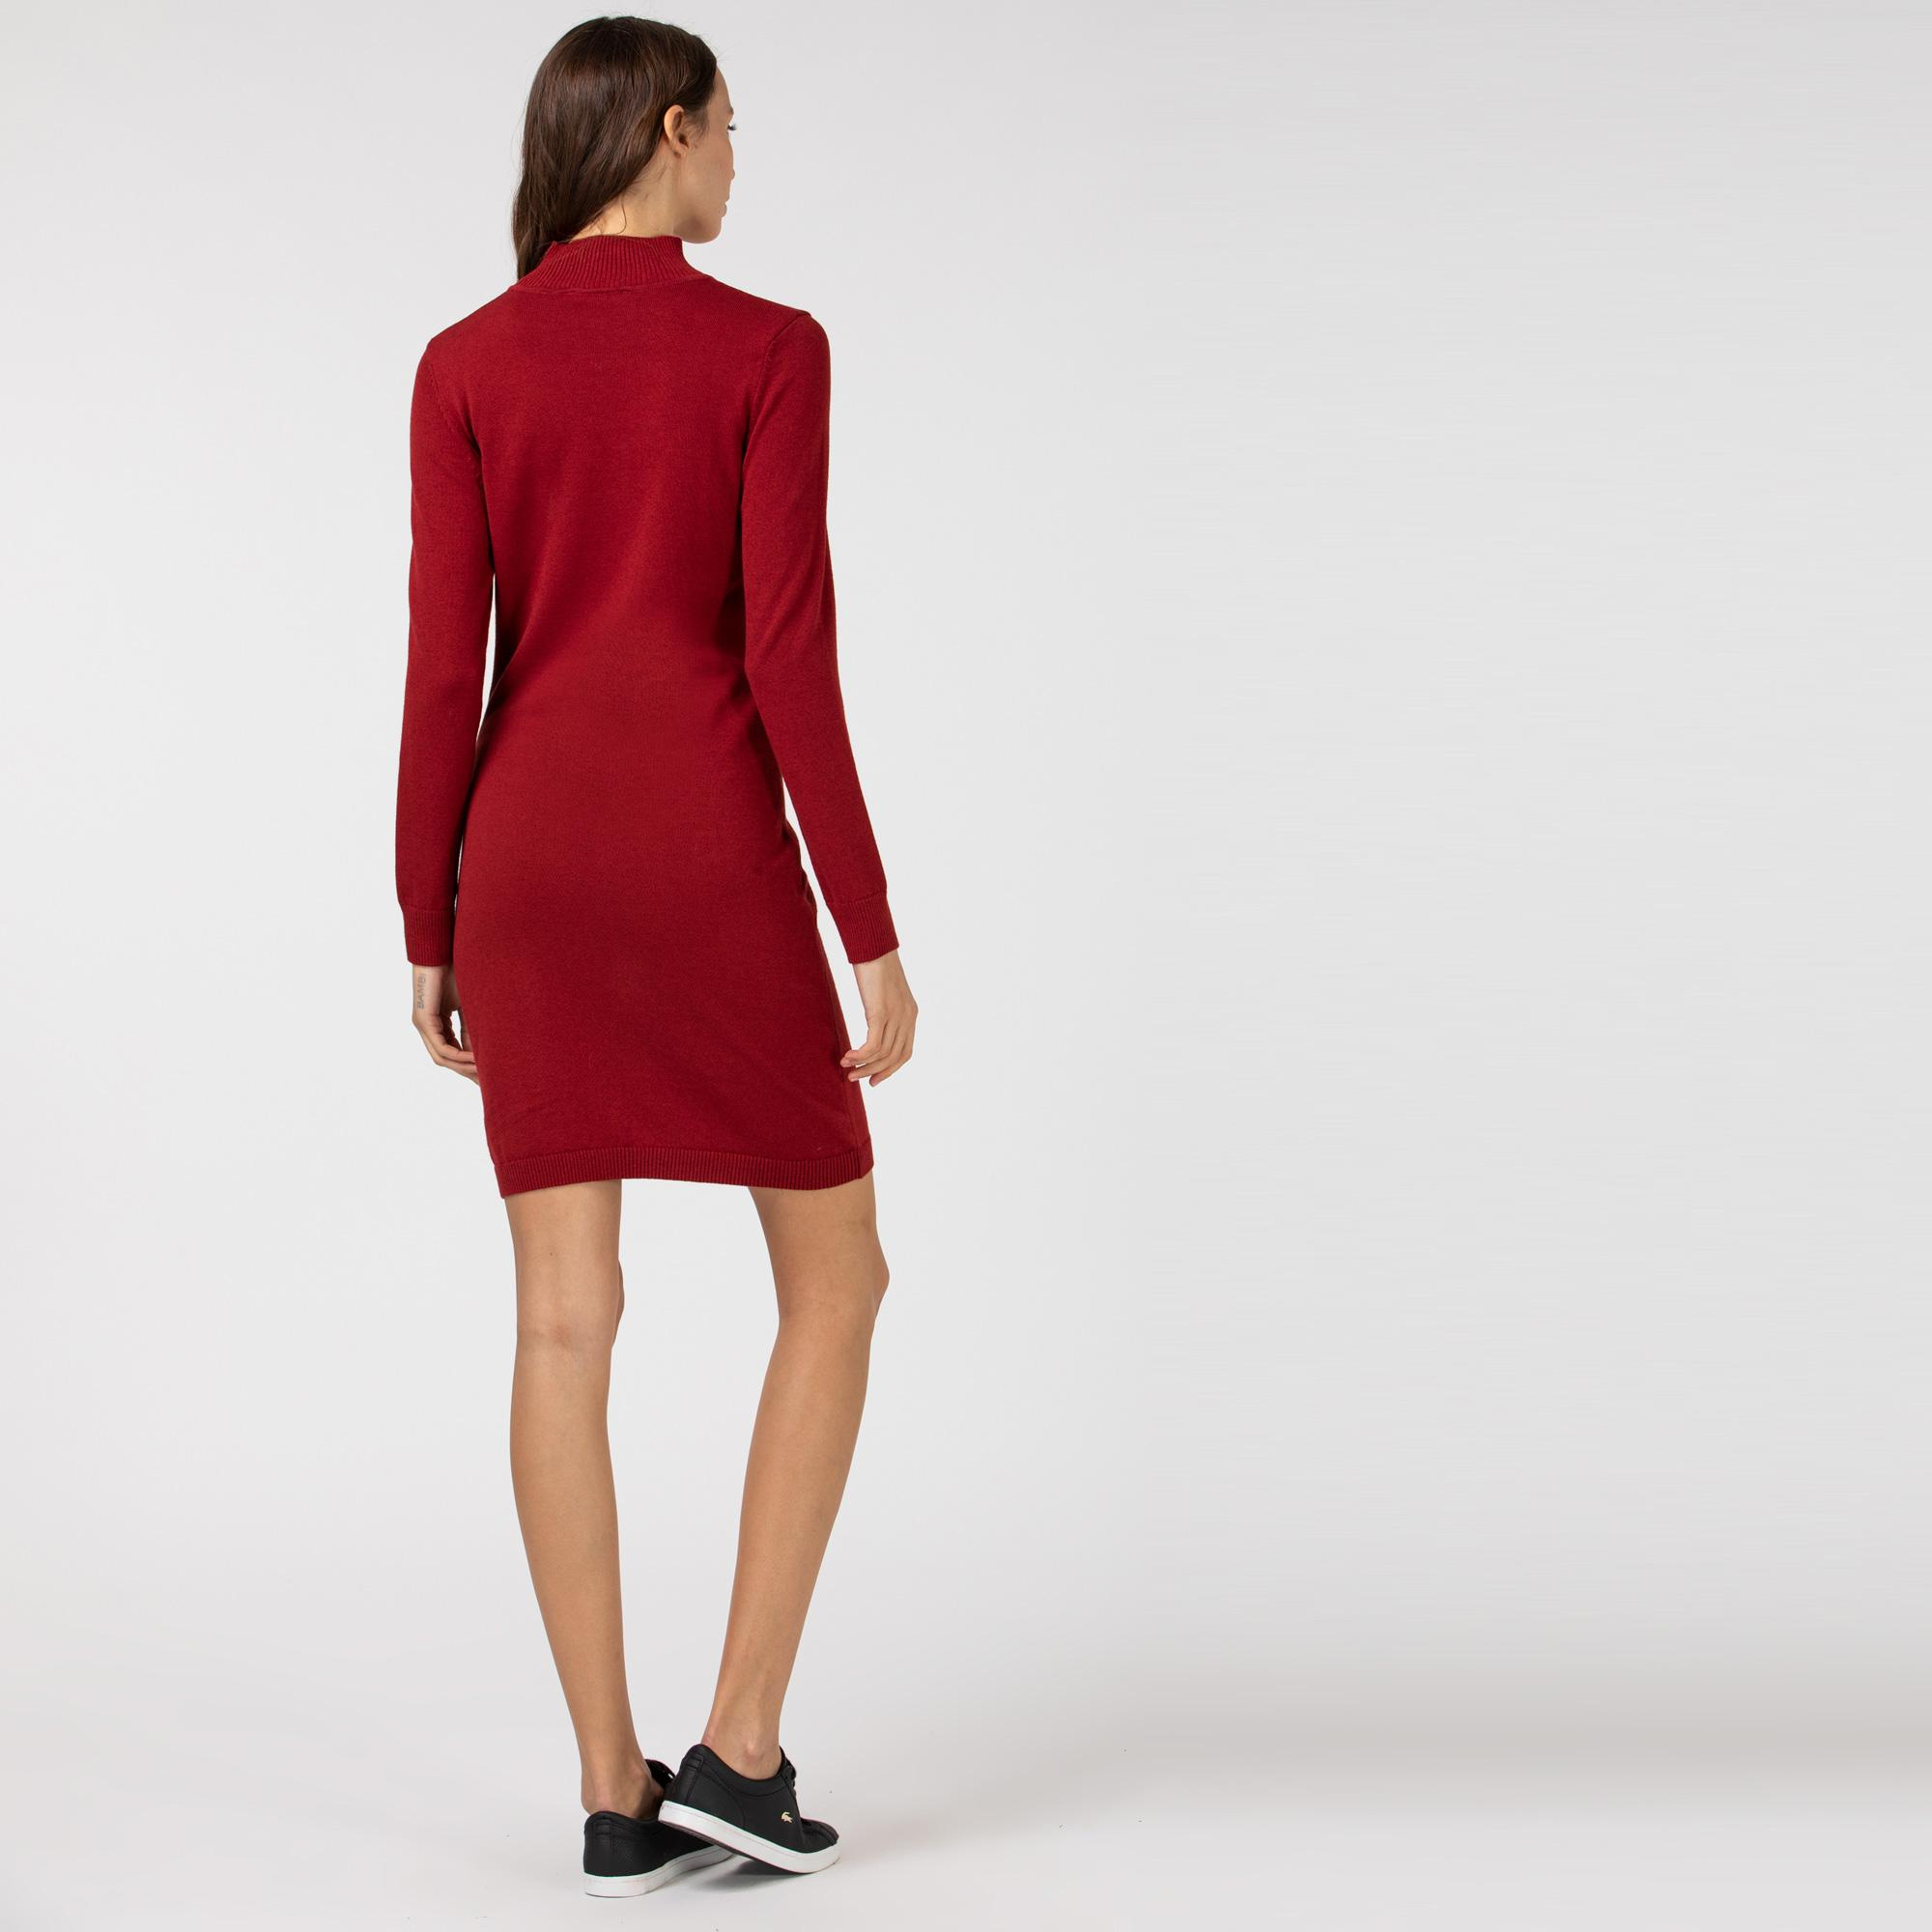 Lacoste Kadın Dik Yaka Uzun Kollu Bordo Elbise